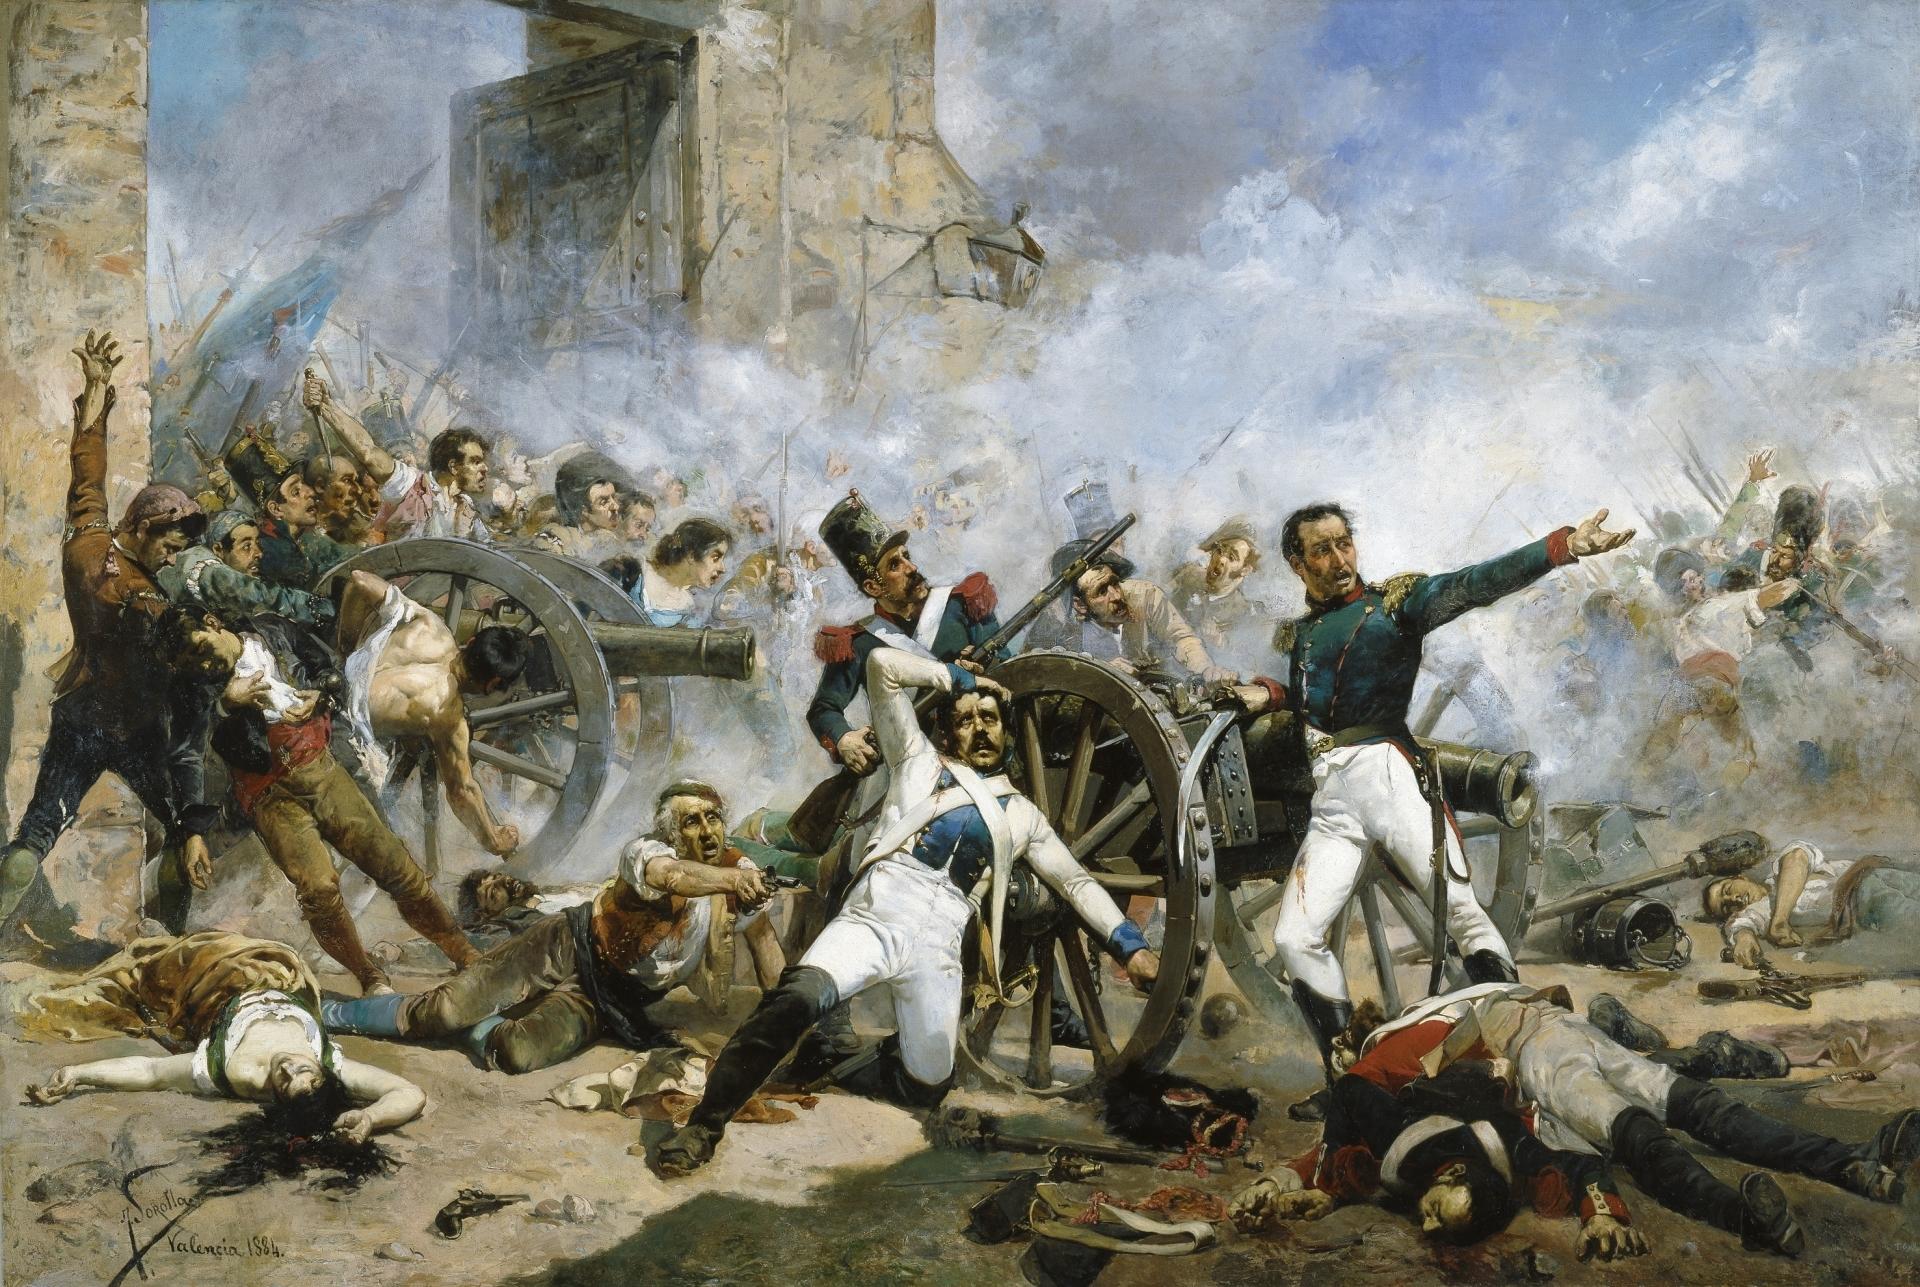 La batalla de Las Navas de Tolosa Dos_de_mayo%2C_por_Joaqu%C3%ADn_Sorolla